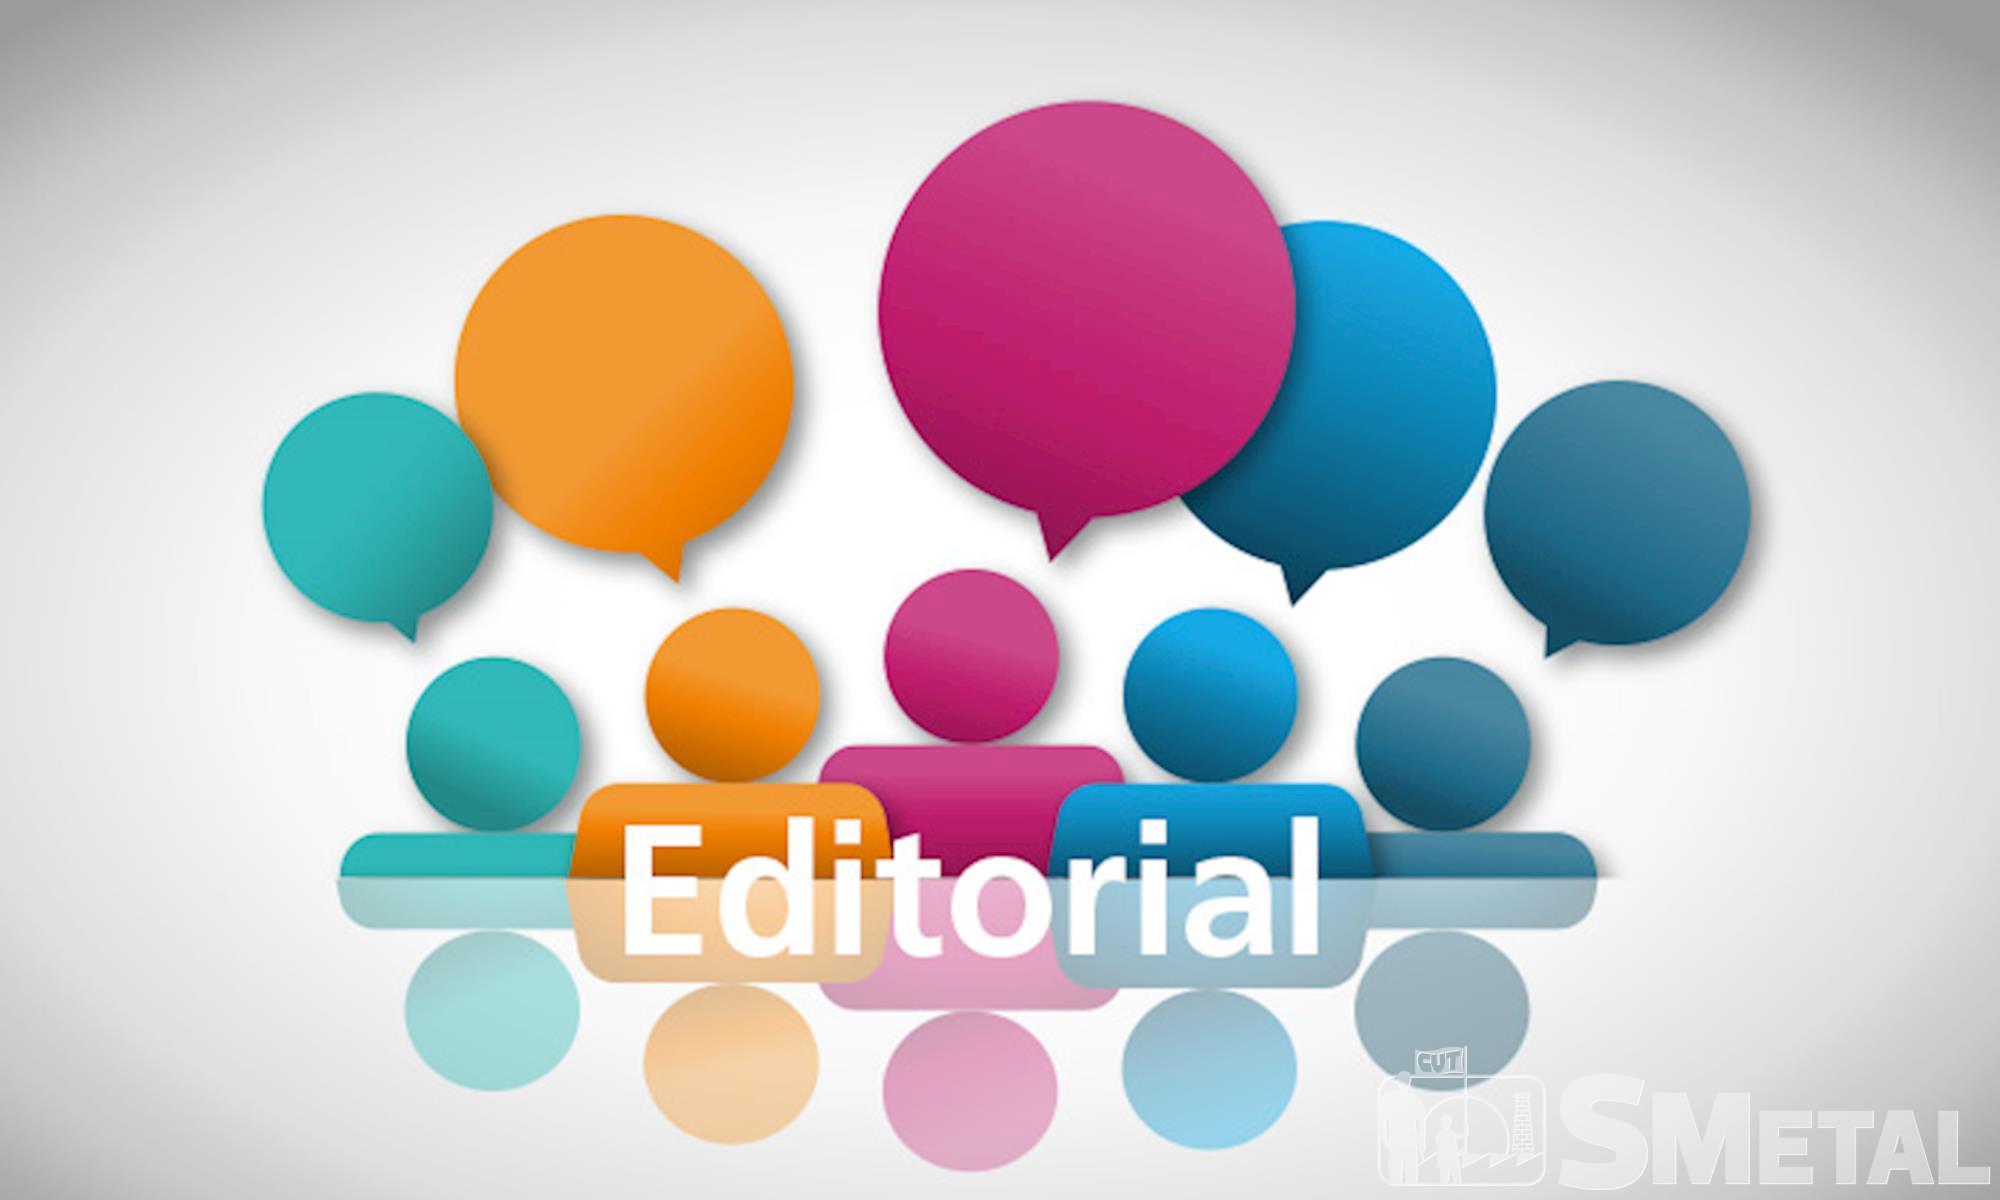 857, imprensa, editorial, imprensa, smetal, comunicação, logo, editorial, direitos, reservados,